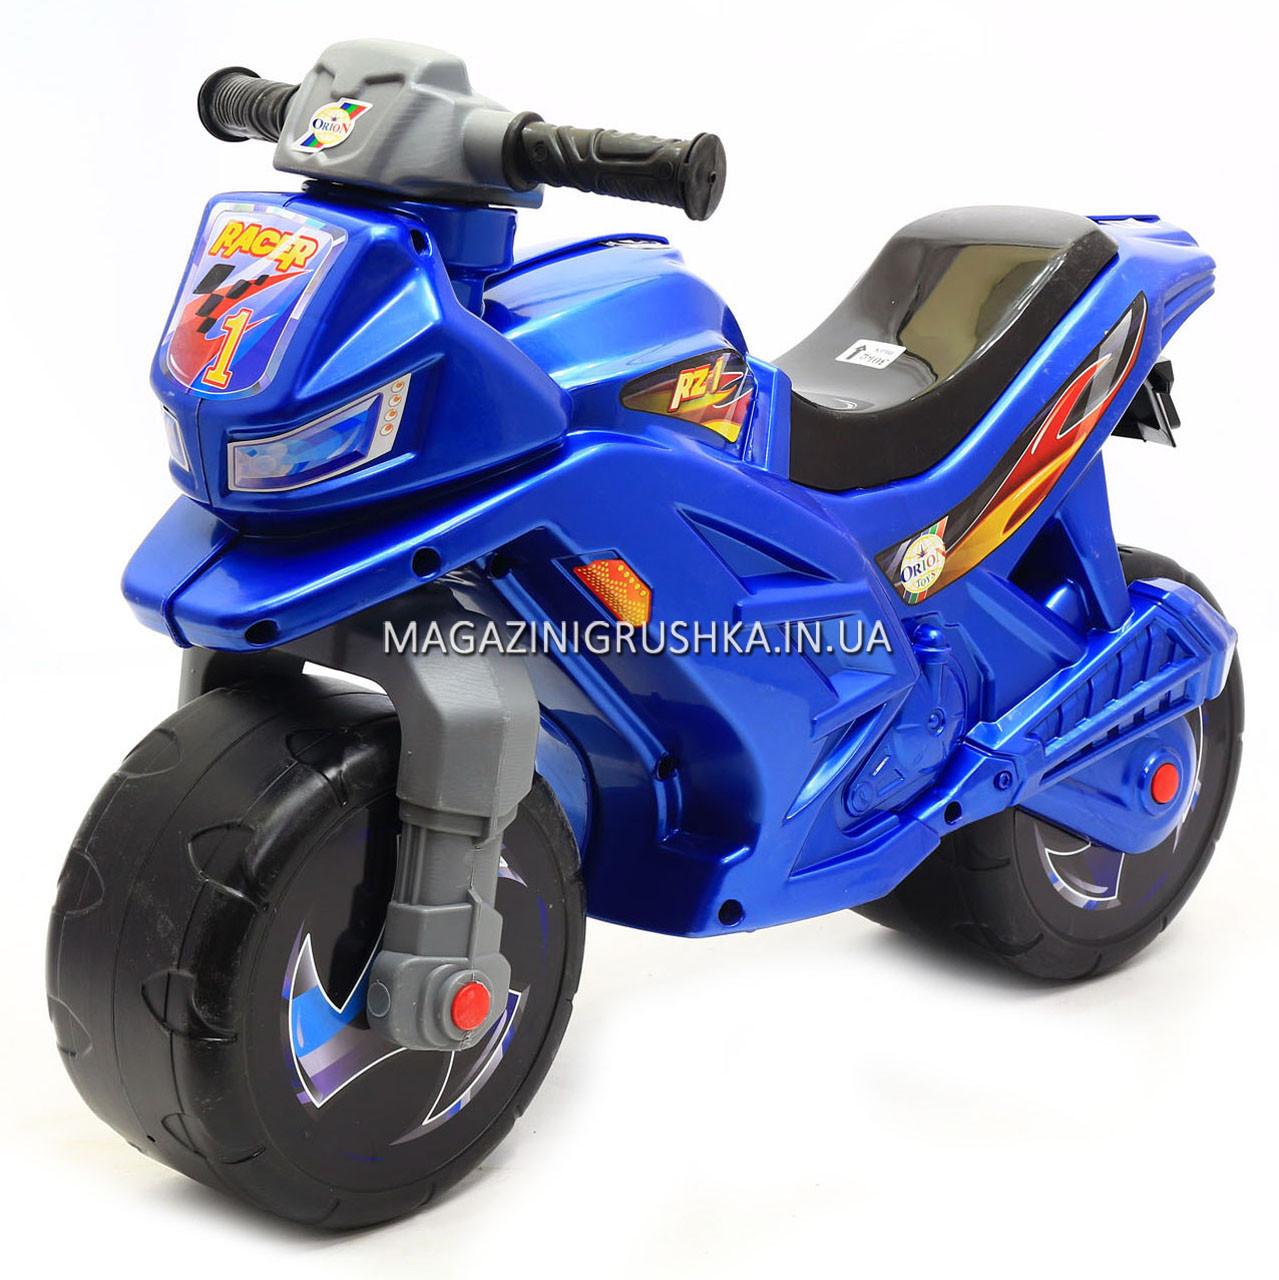 Детский Мотоцикл толокар Орион музыкальный (синий). Популярный транспорт для детей от 2х лет